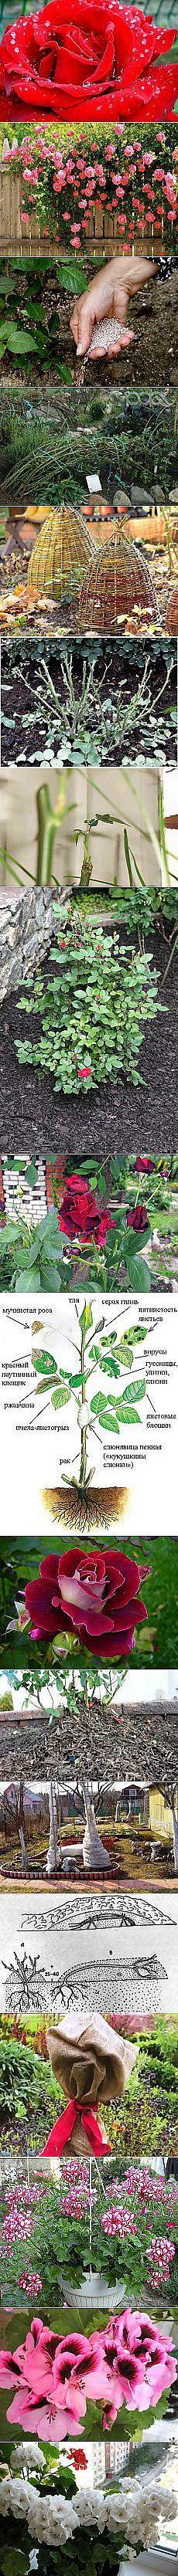 Антонина Лобанова: Как ваырастить розу? | Постила.ru